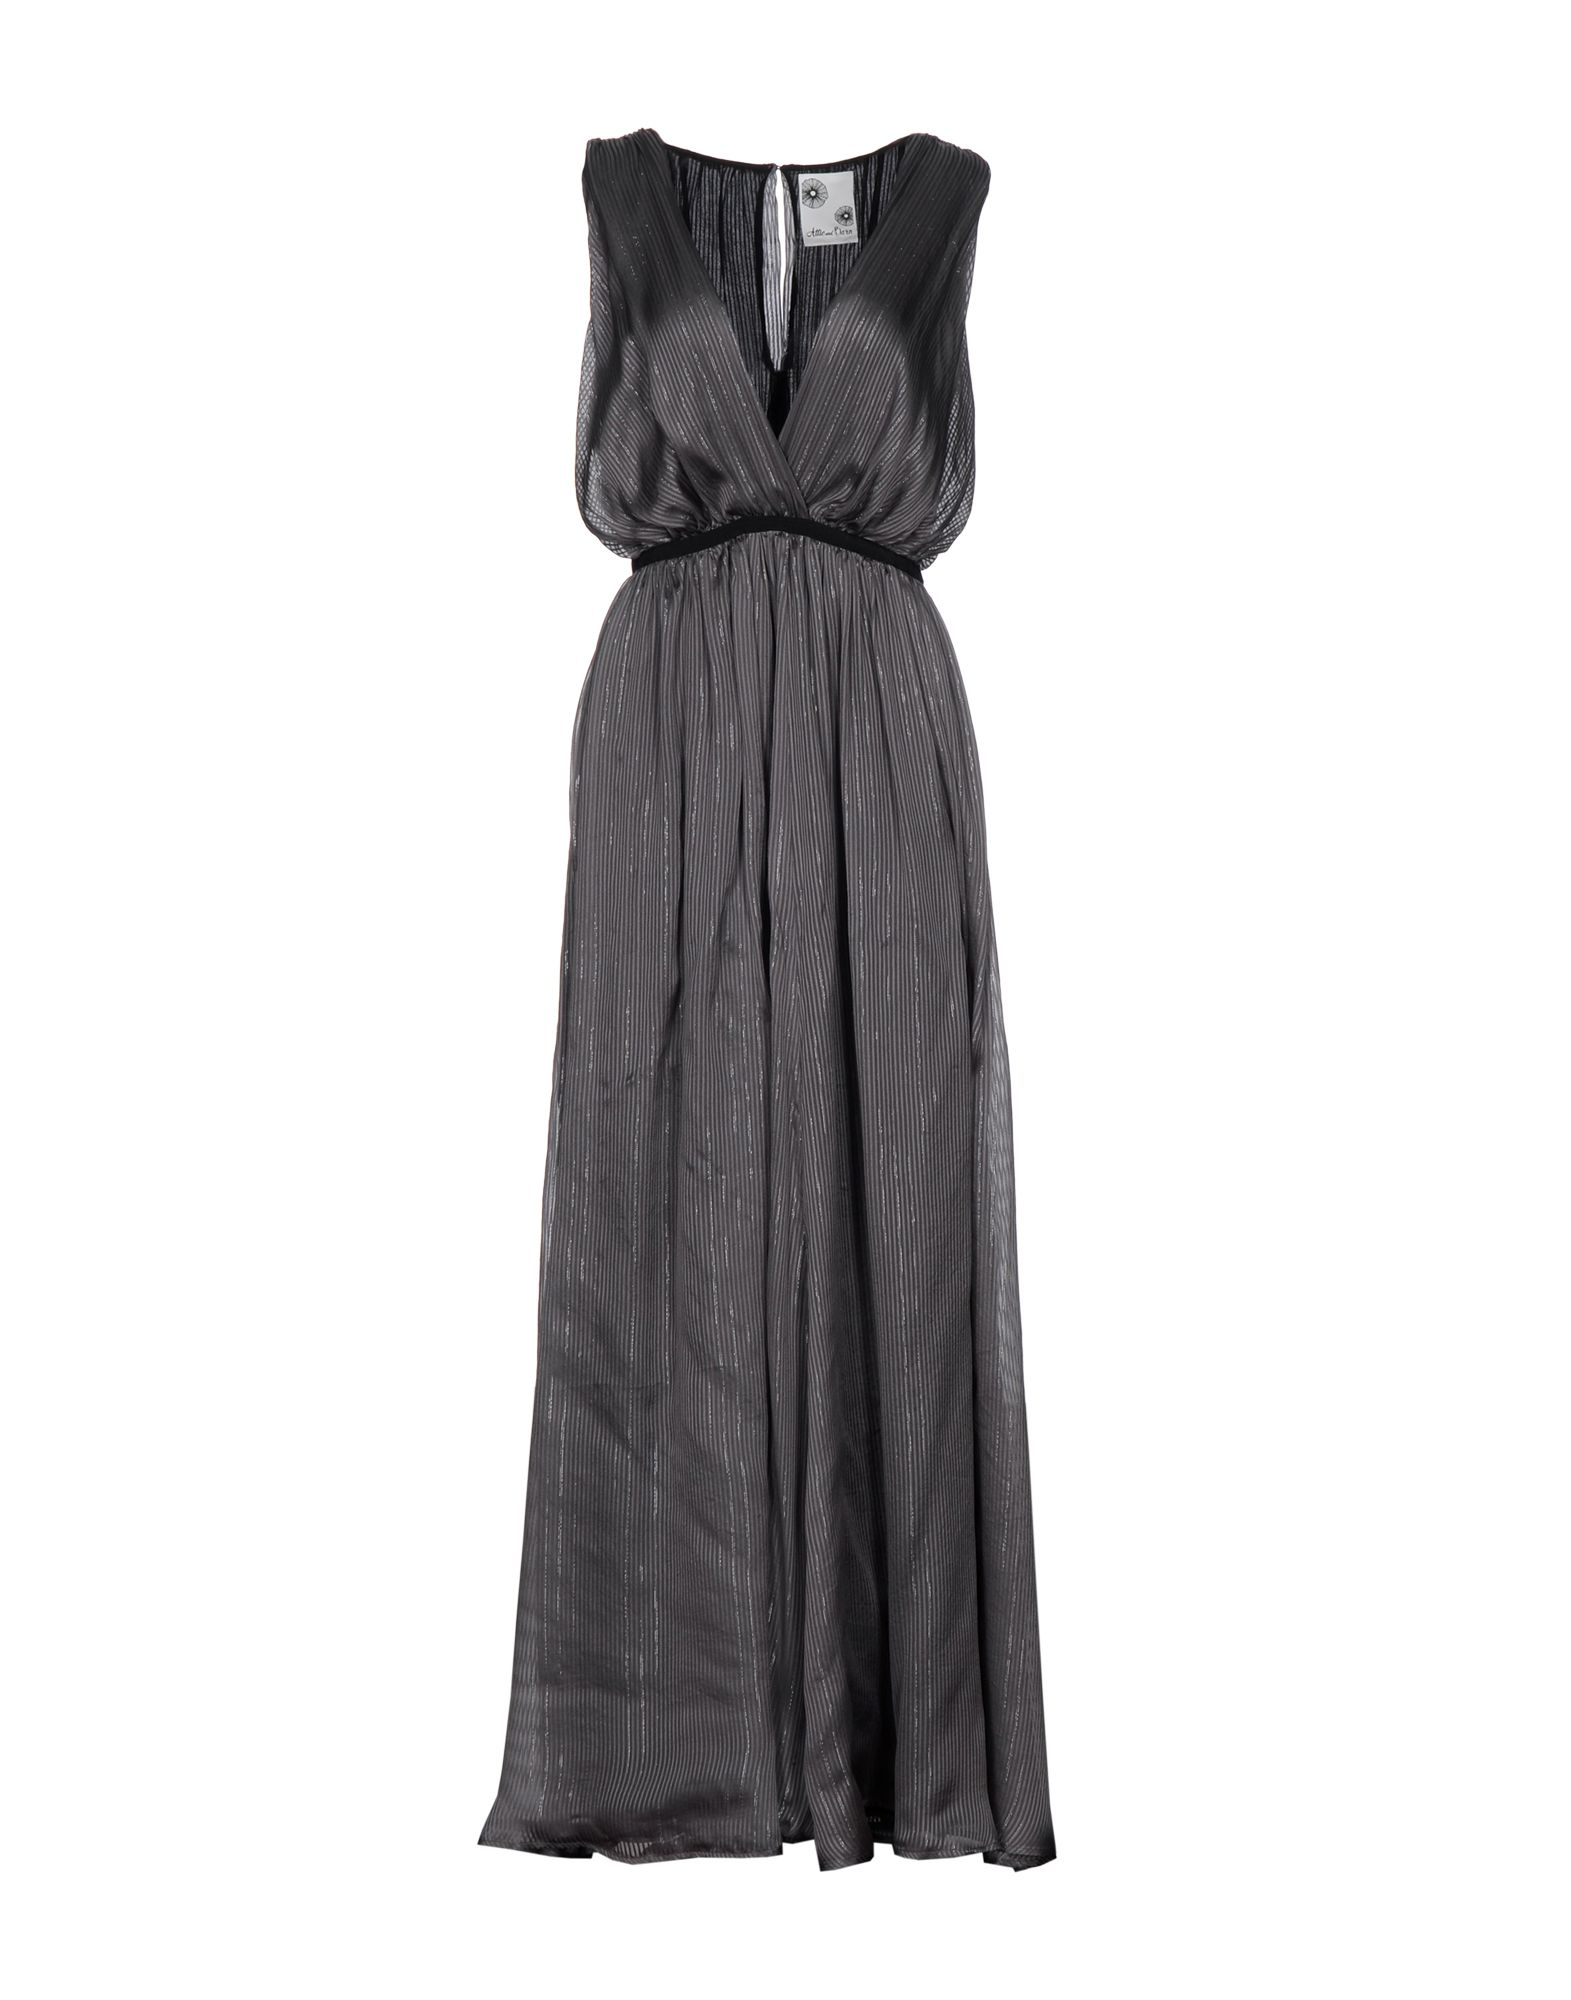 Vestiti Donna Attic And Barn Collezione Primavera-Estate e Autunno-Inverno  - Acquista online su YOOX ec2d0acd6fc